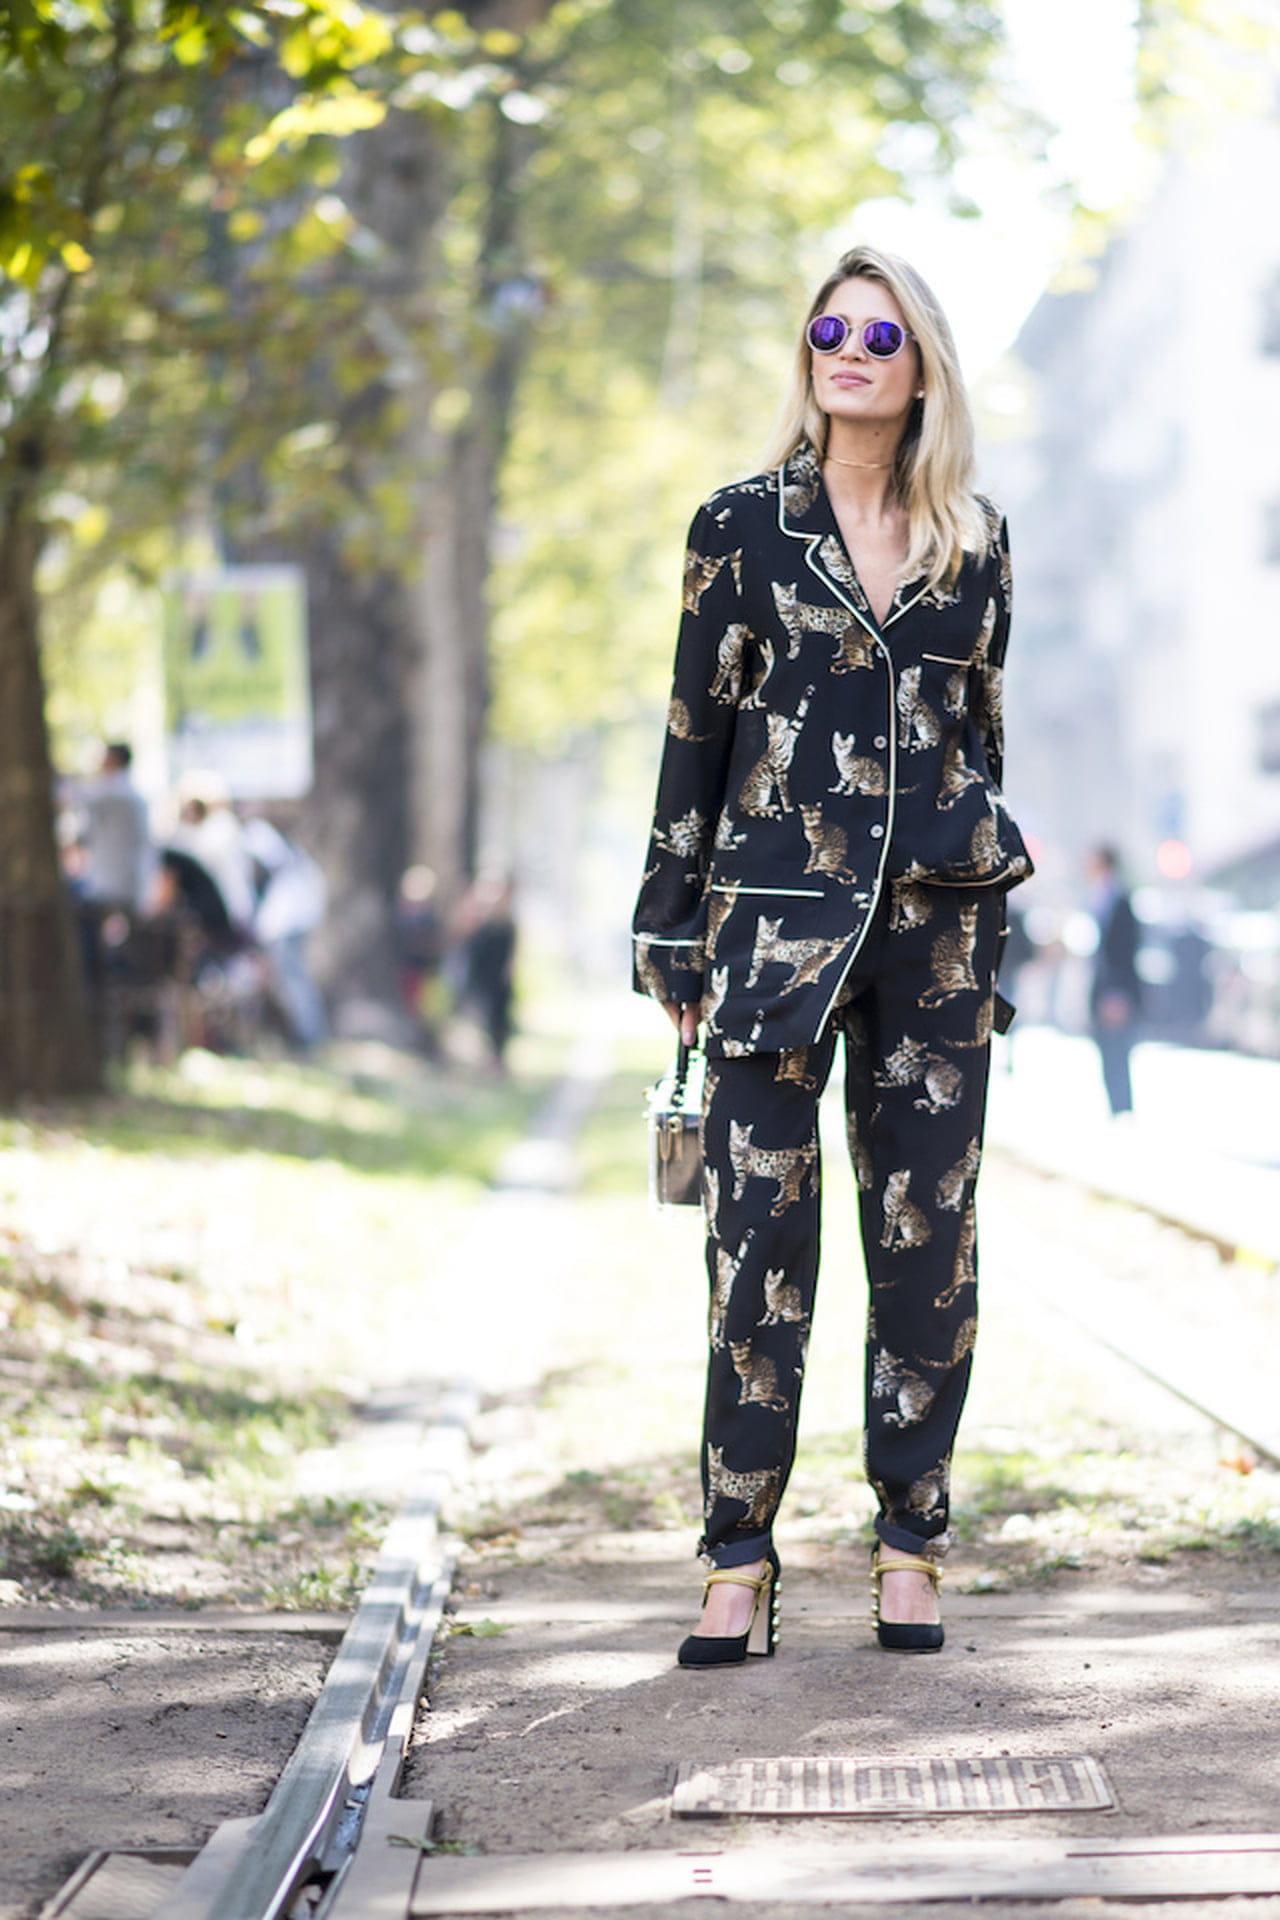 scarpe sportive prezzi di sdoganamento nuovi prodotti caldi Vestiti di Carnevale fai da te: travestimenti alla moda